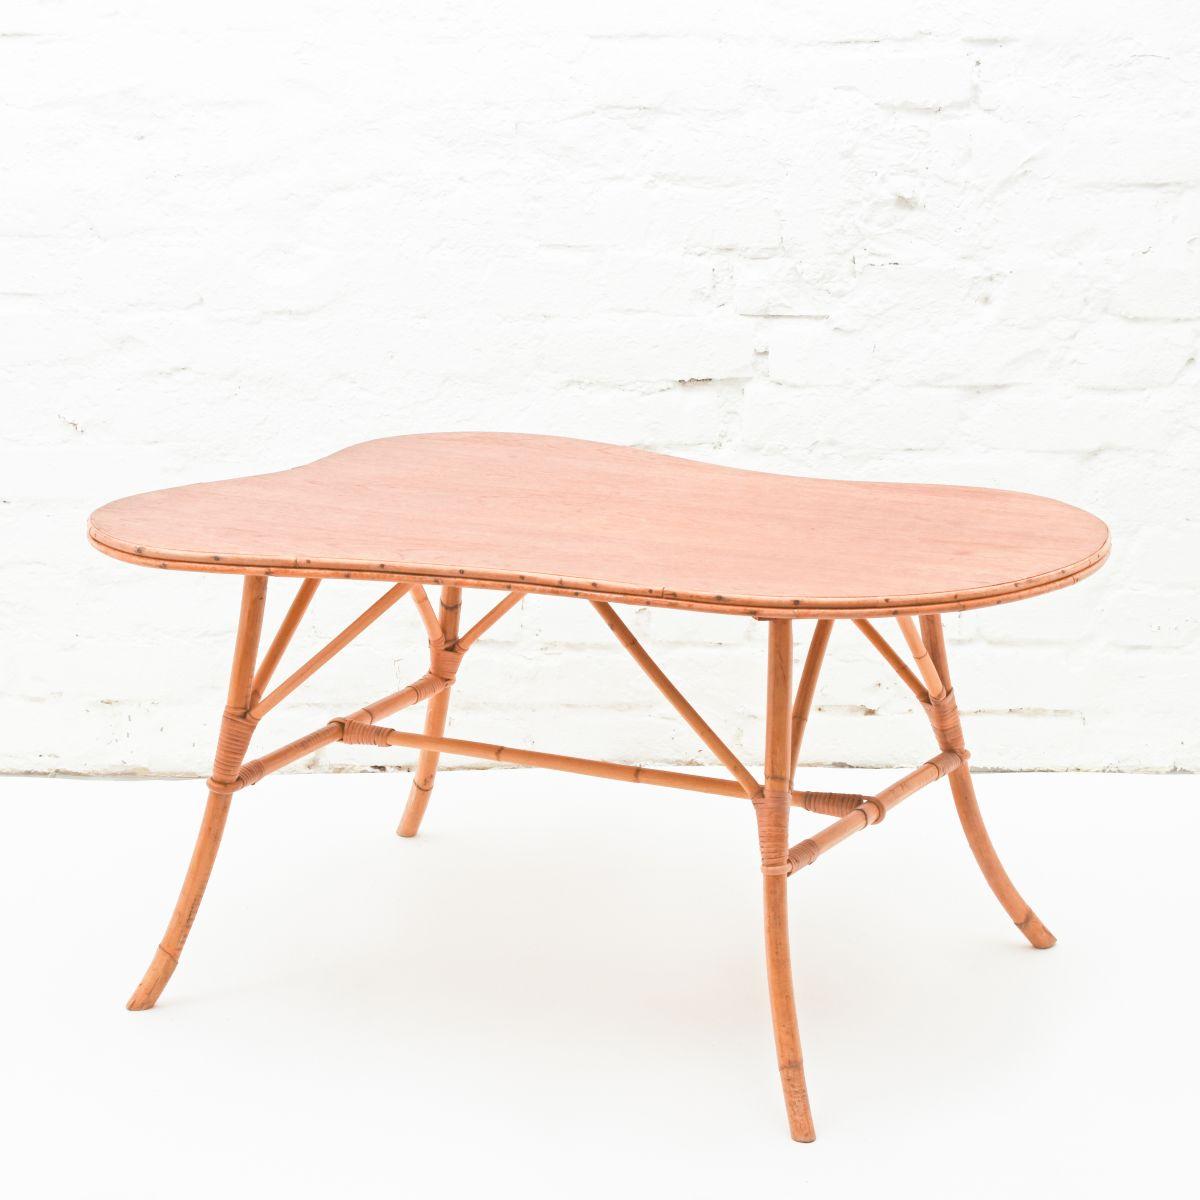 Low-table-sokeva